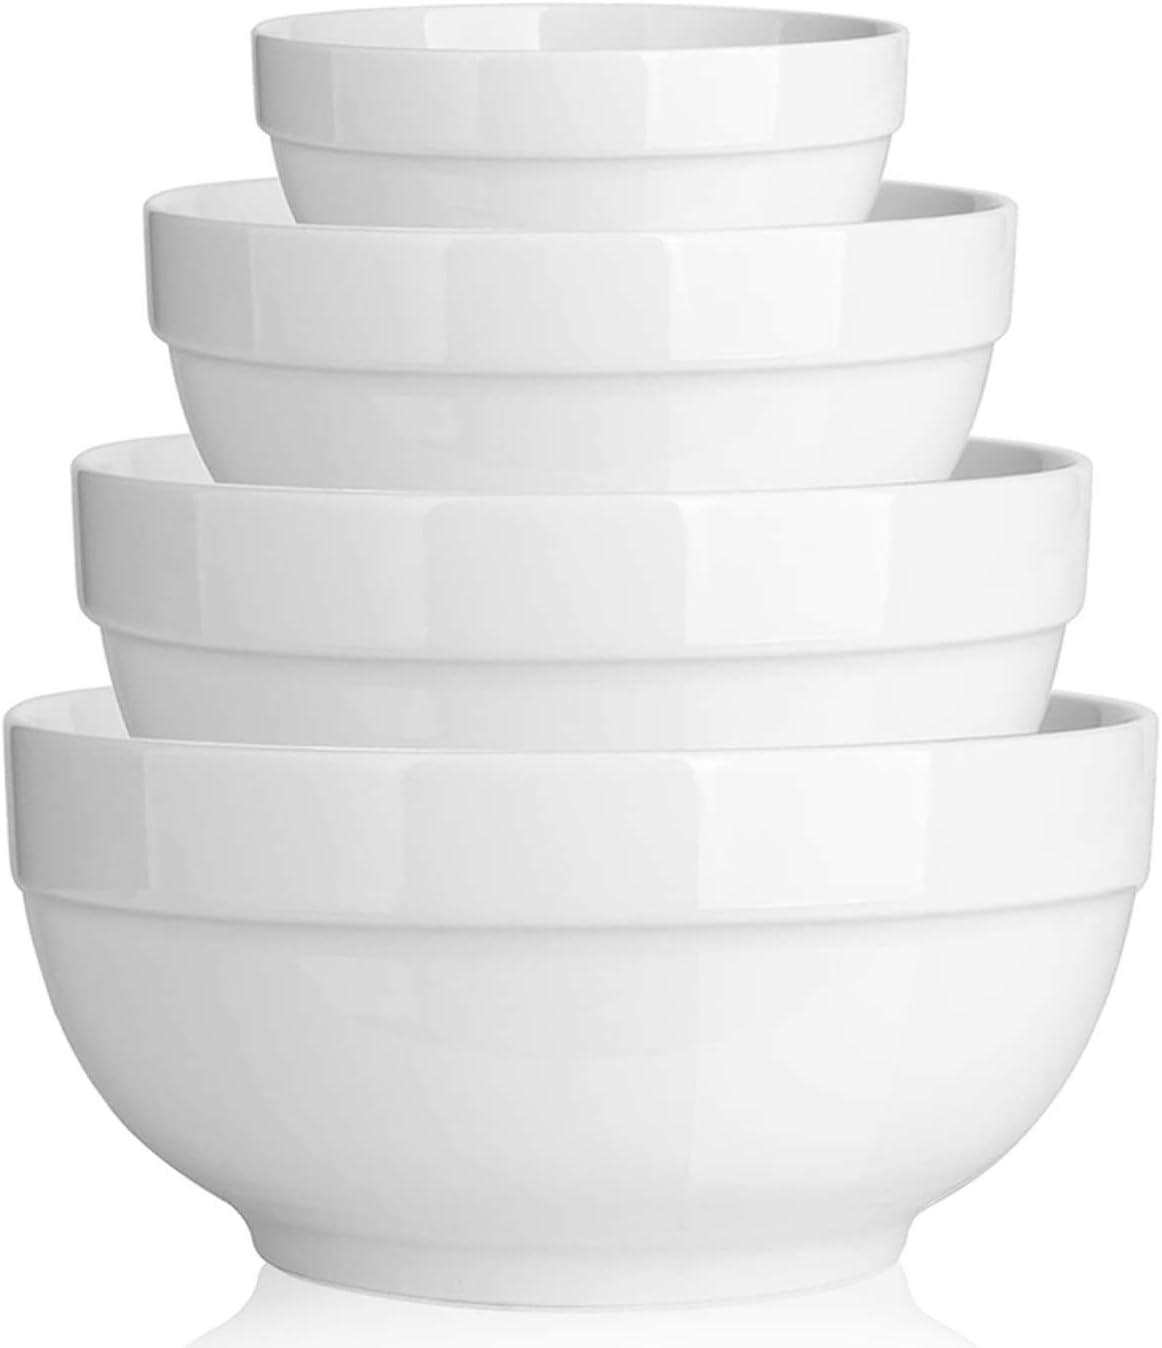 2 Packs Stackable White DOWAN 2.5 Quarts Porcelain Serving Bowls,Non Slip Salad Bowls Pasta Bowl Set